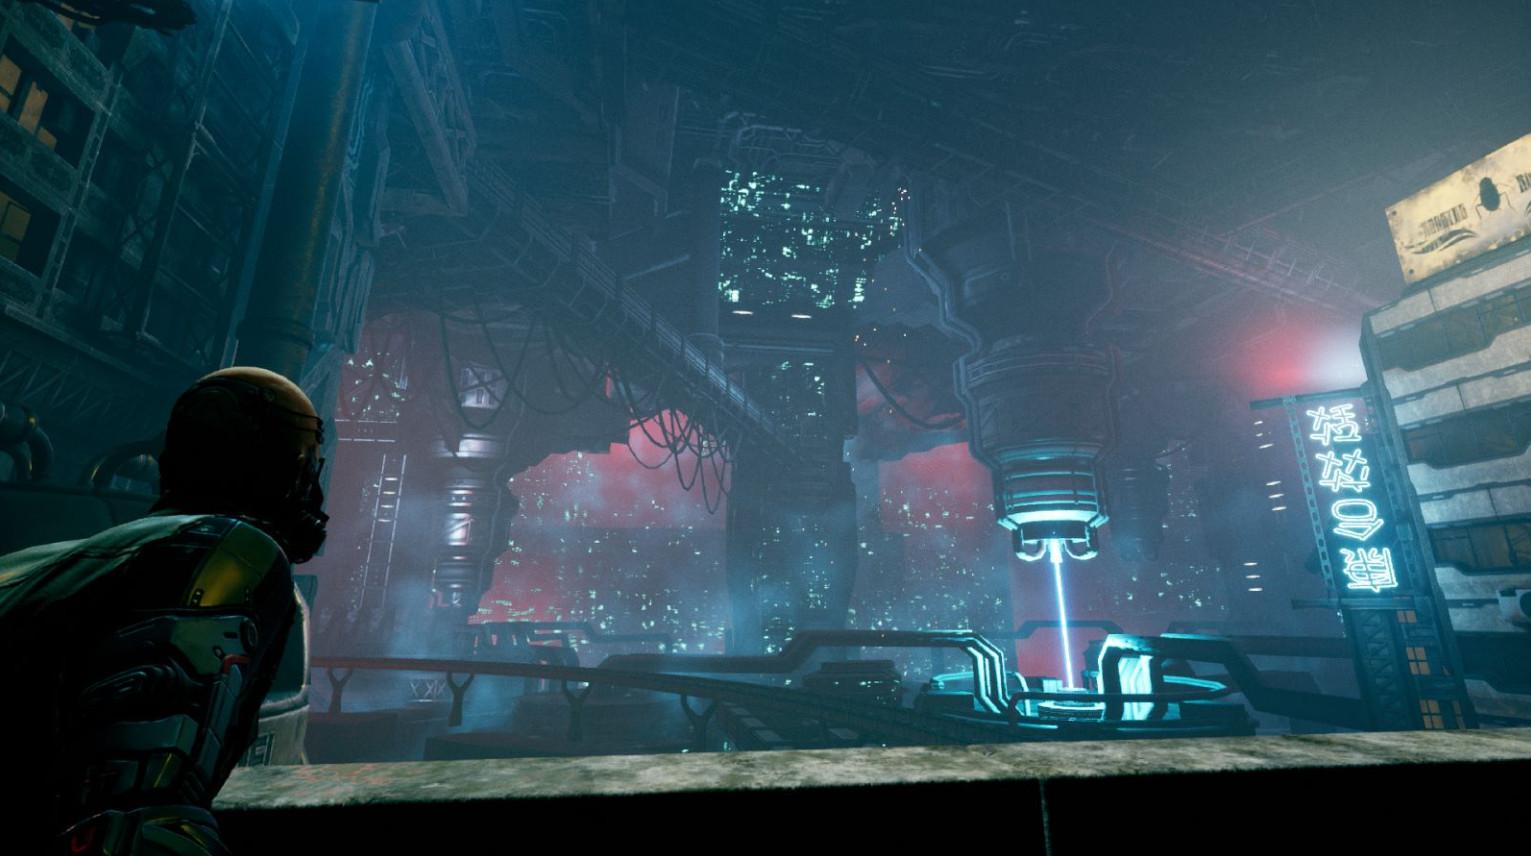 《幽灵行者》10月28日发售 Steam国区148元